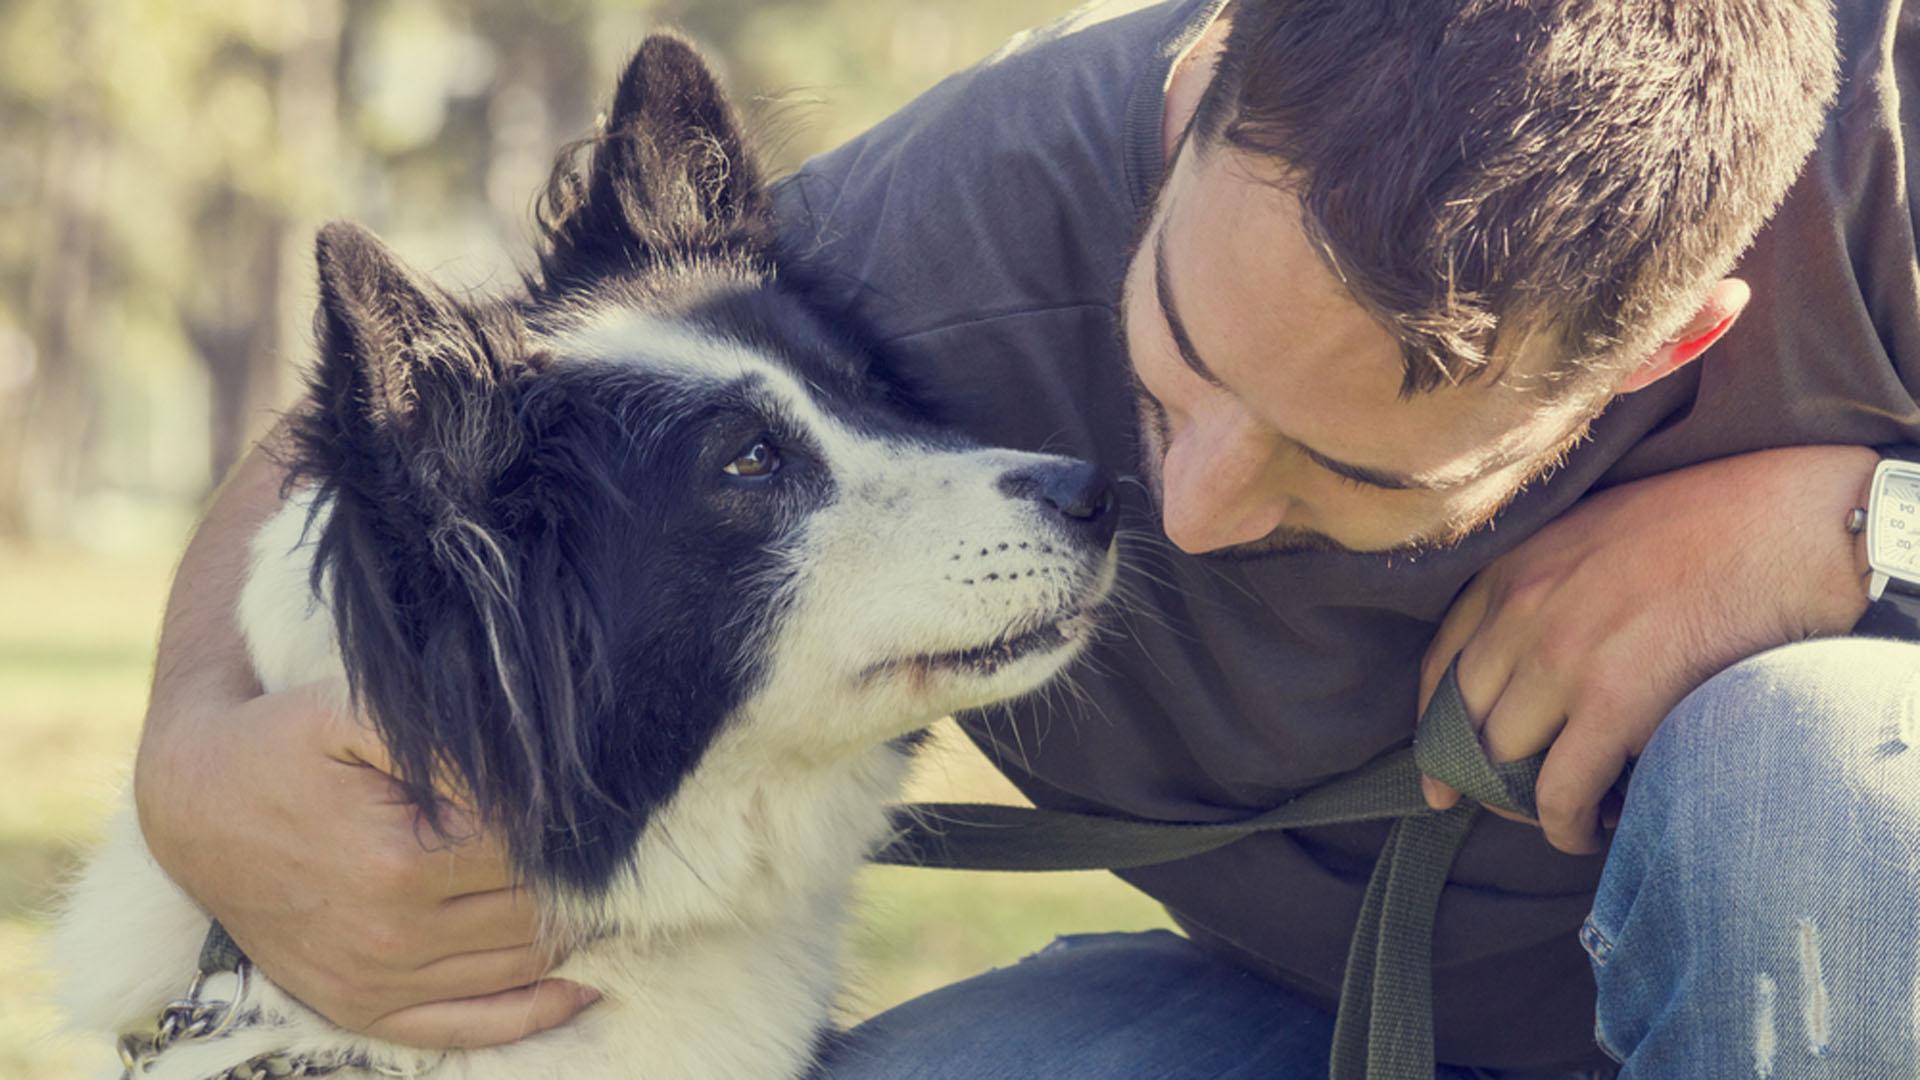 Los especialistas afirmaron que esta comprensión lingüística puede estar relacionada con el desarrollo de la domesticación canina y su propio proceso de adaptación al entorno del ser humano (iStock)